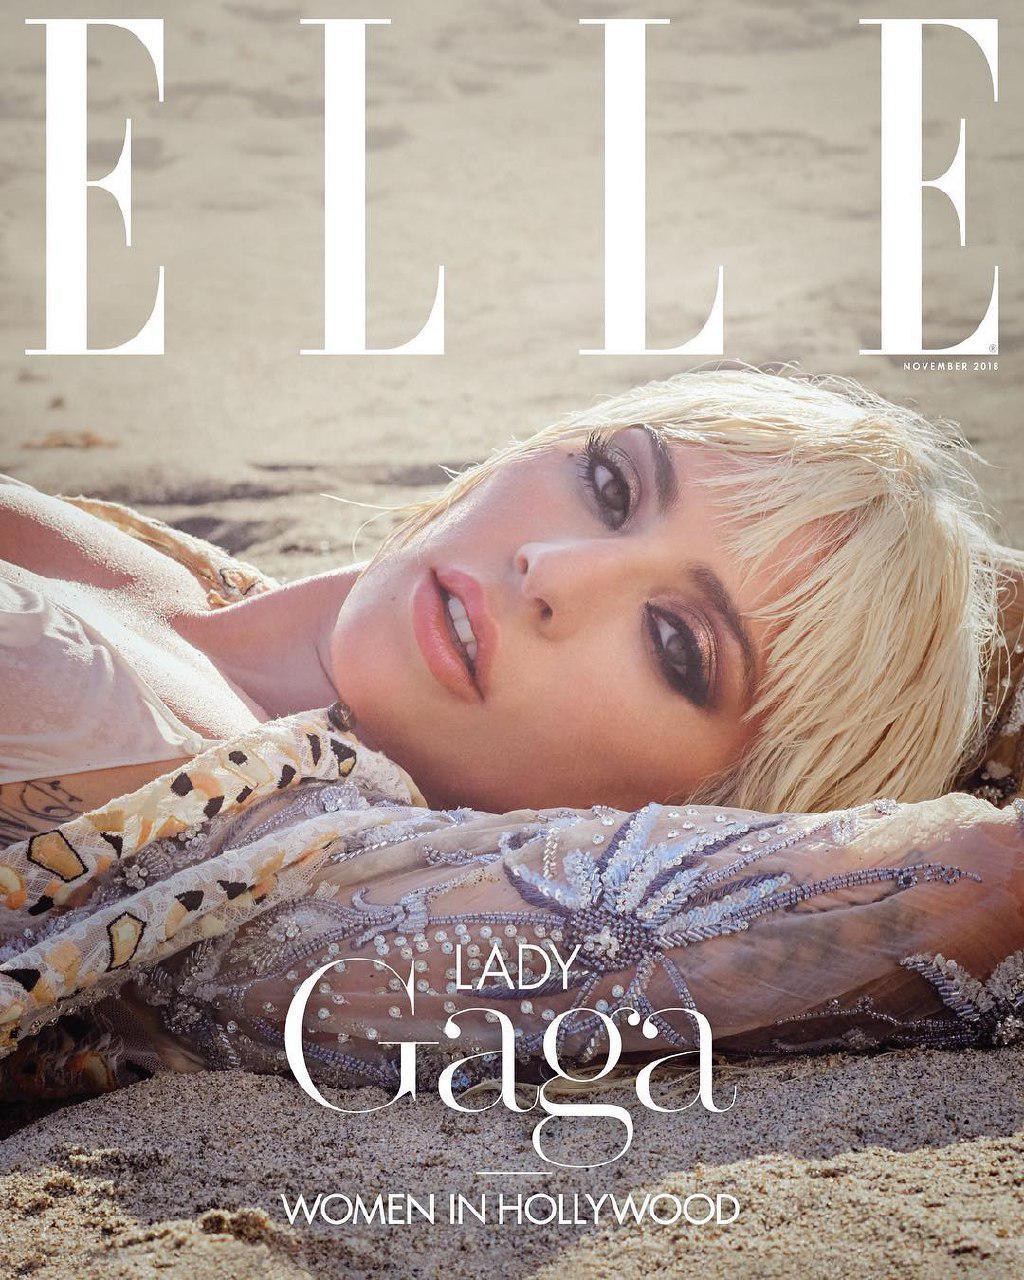 Леді Гага знялася топлес для сторінок популярного видання